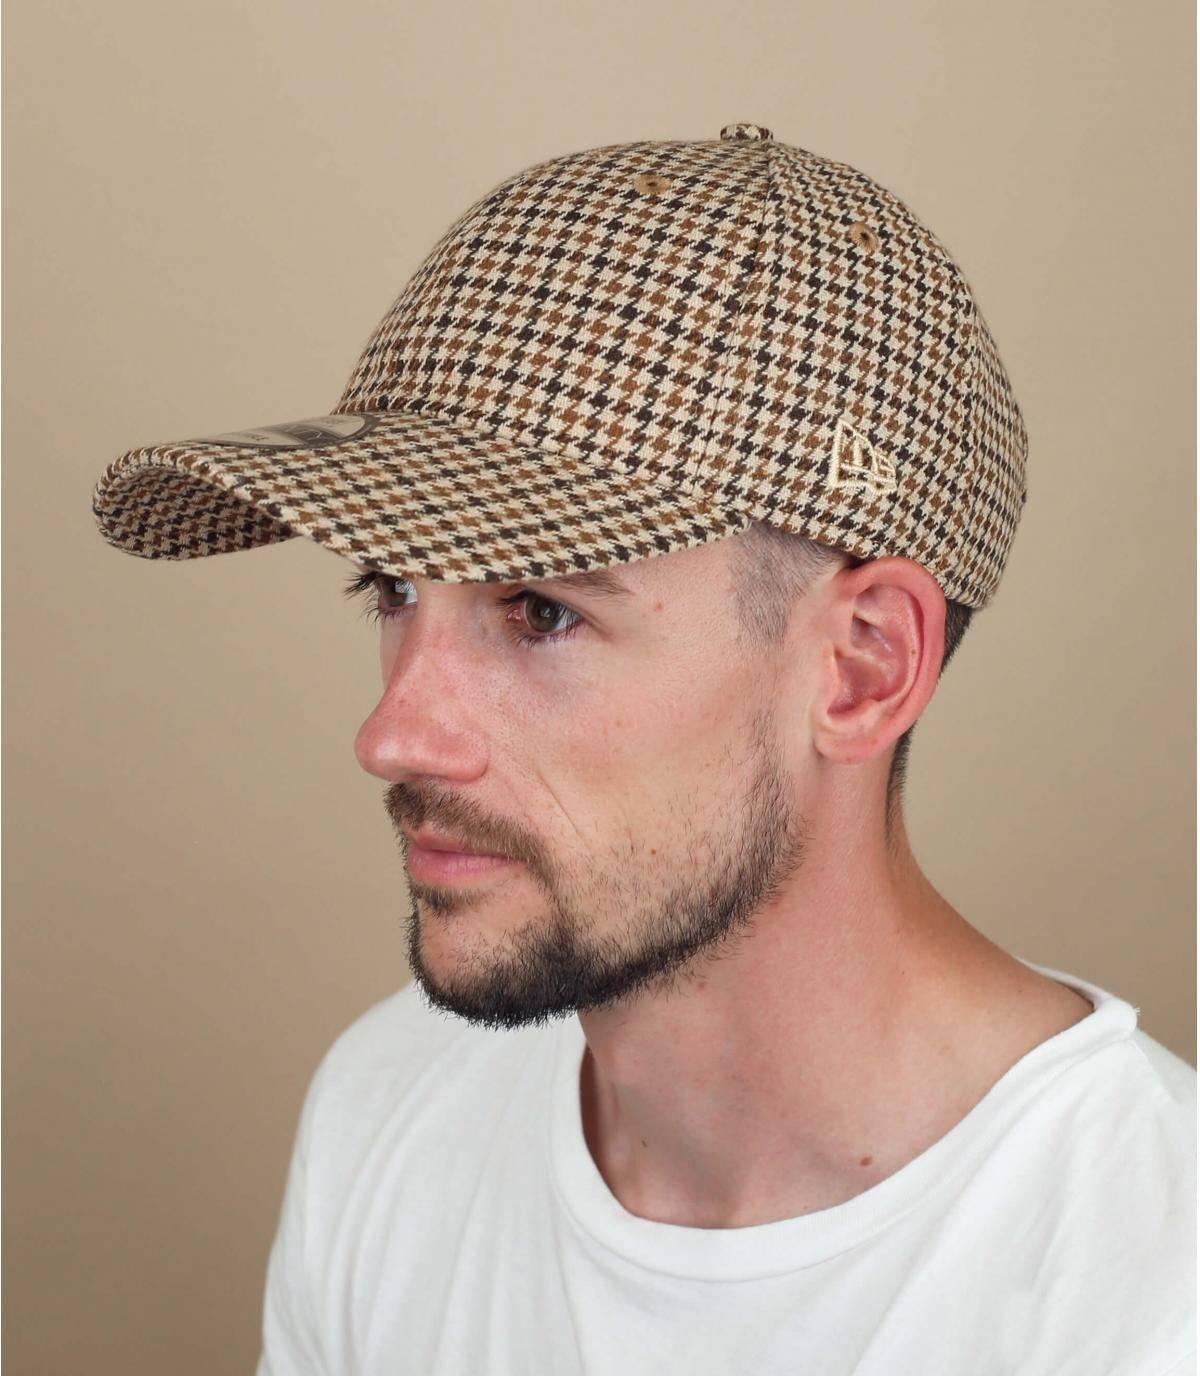 New Eraplaid cap